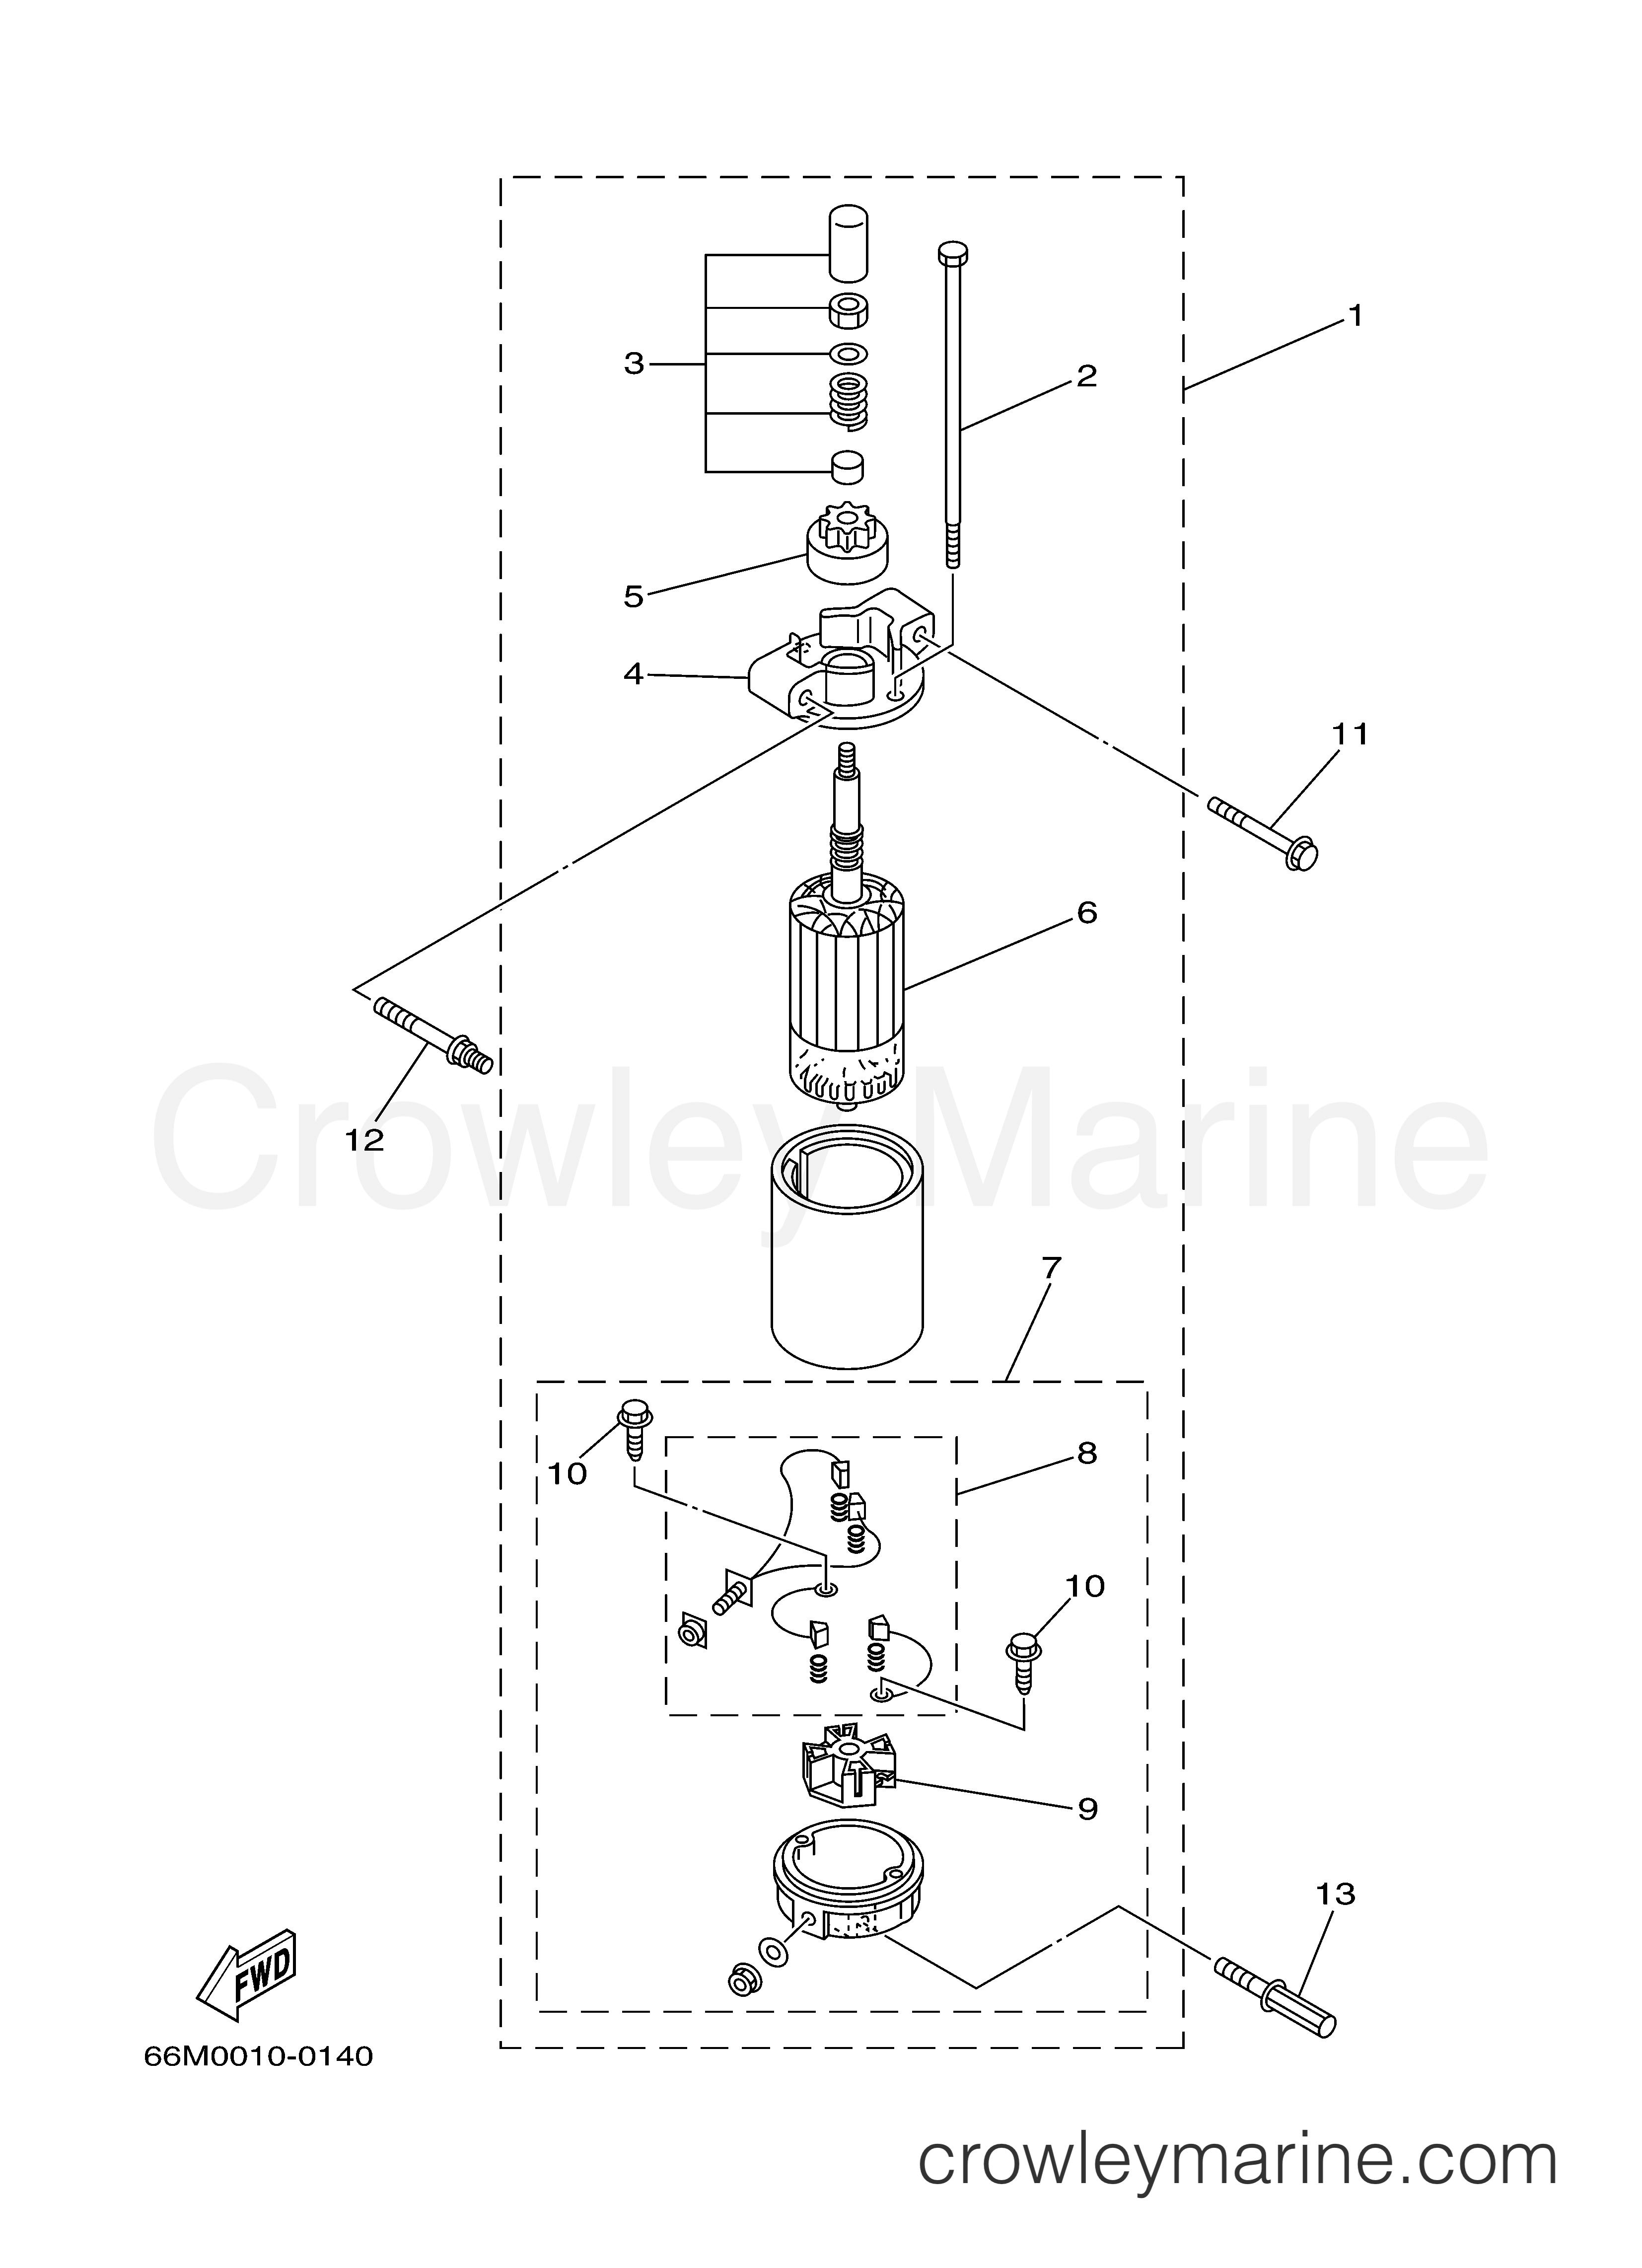 Подвесной Лодочный Двигатель Yamaha F15amh Инструкция